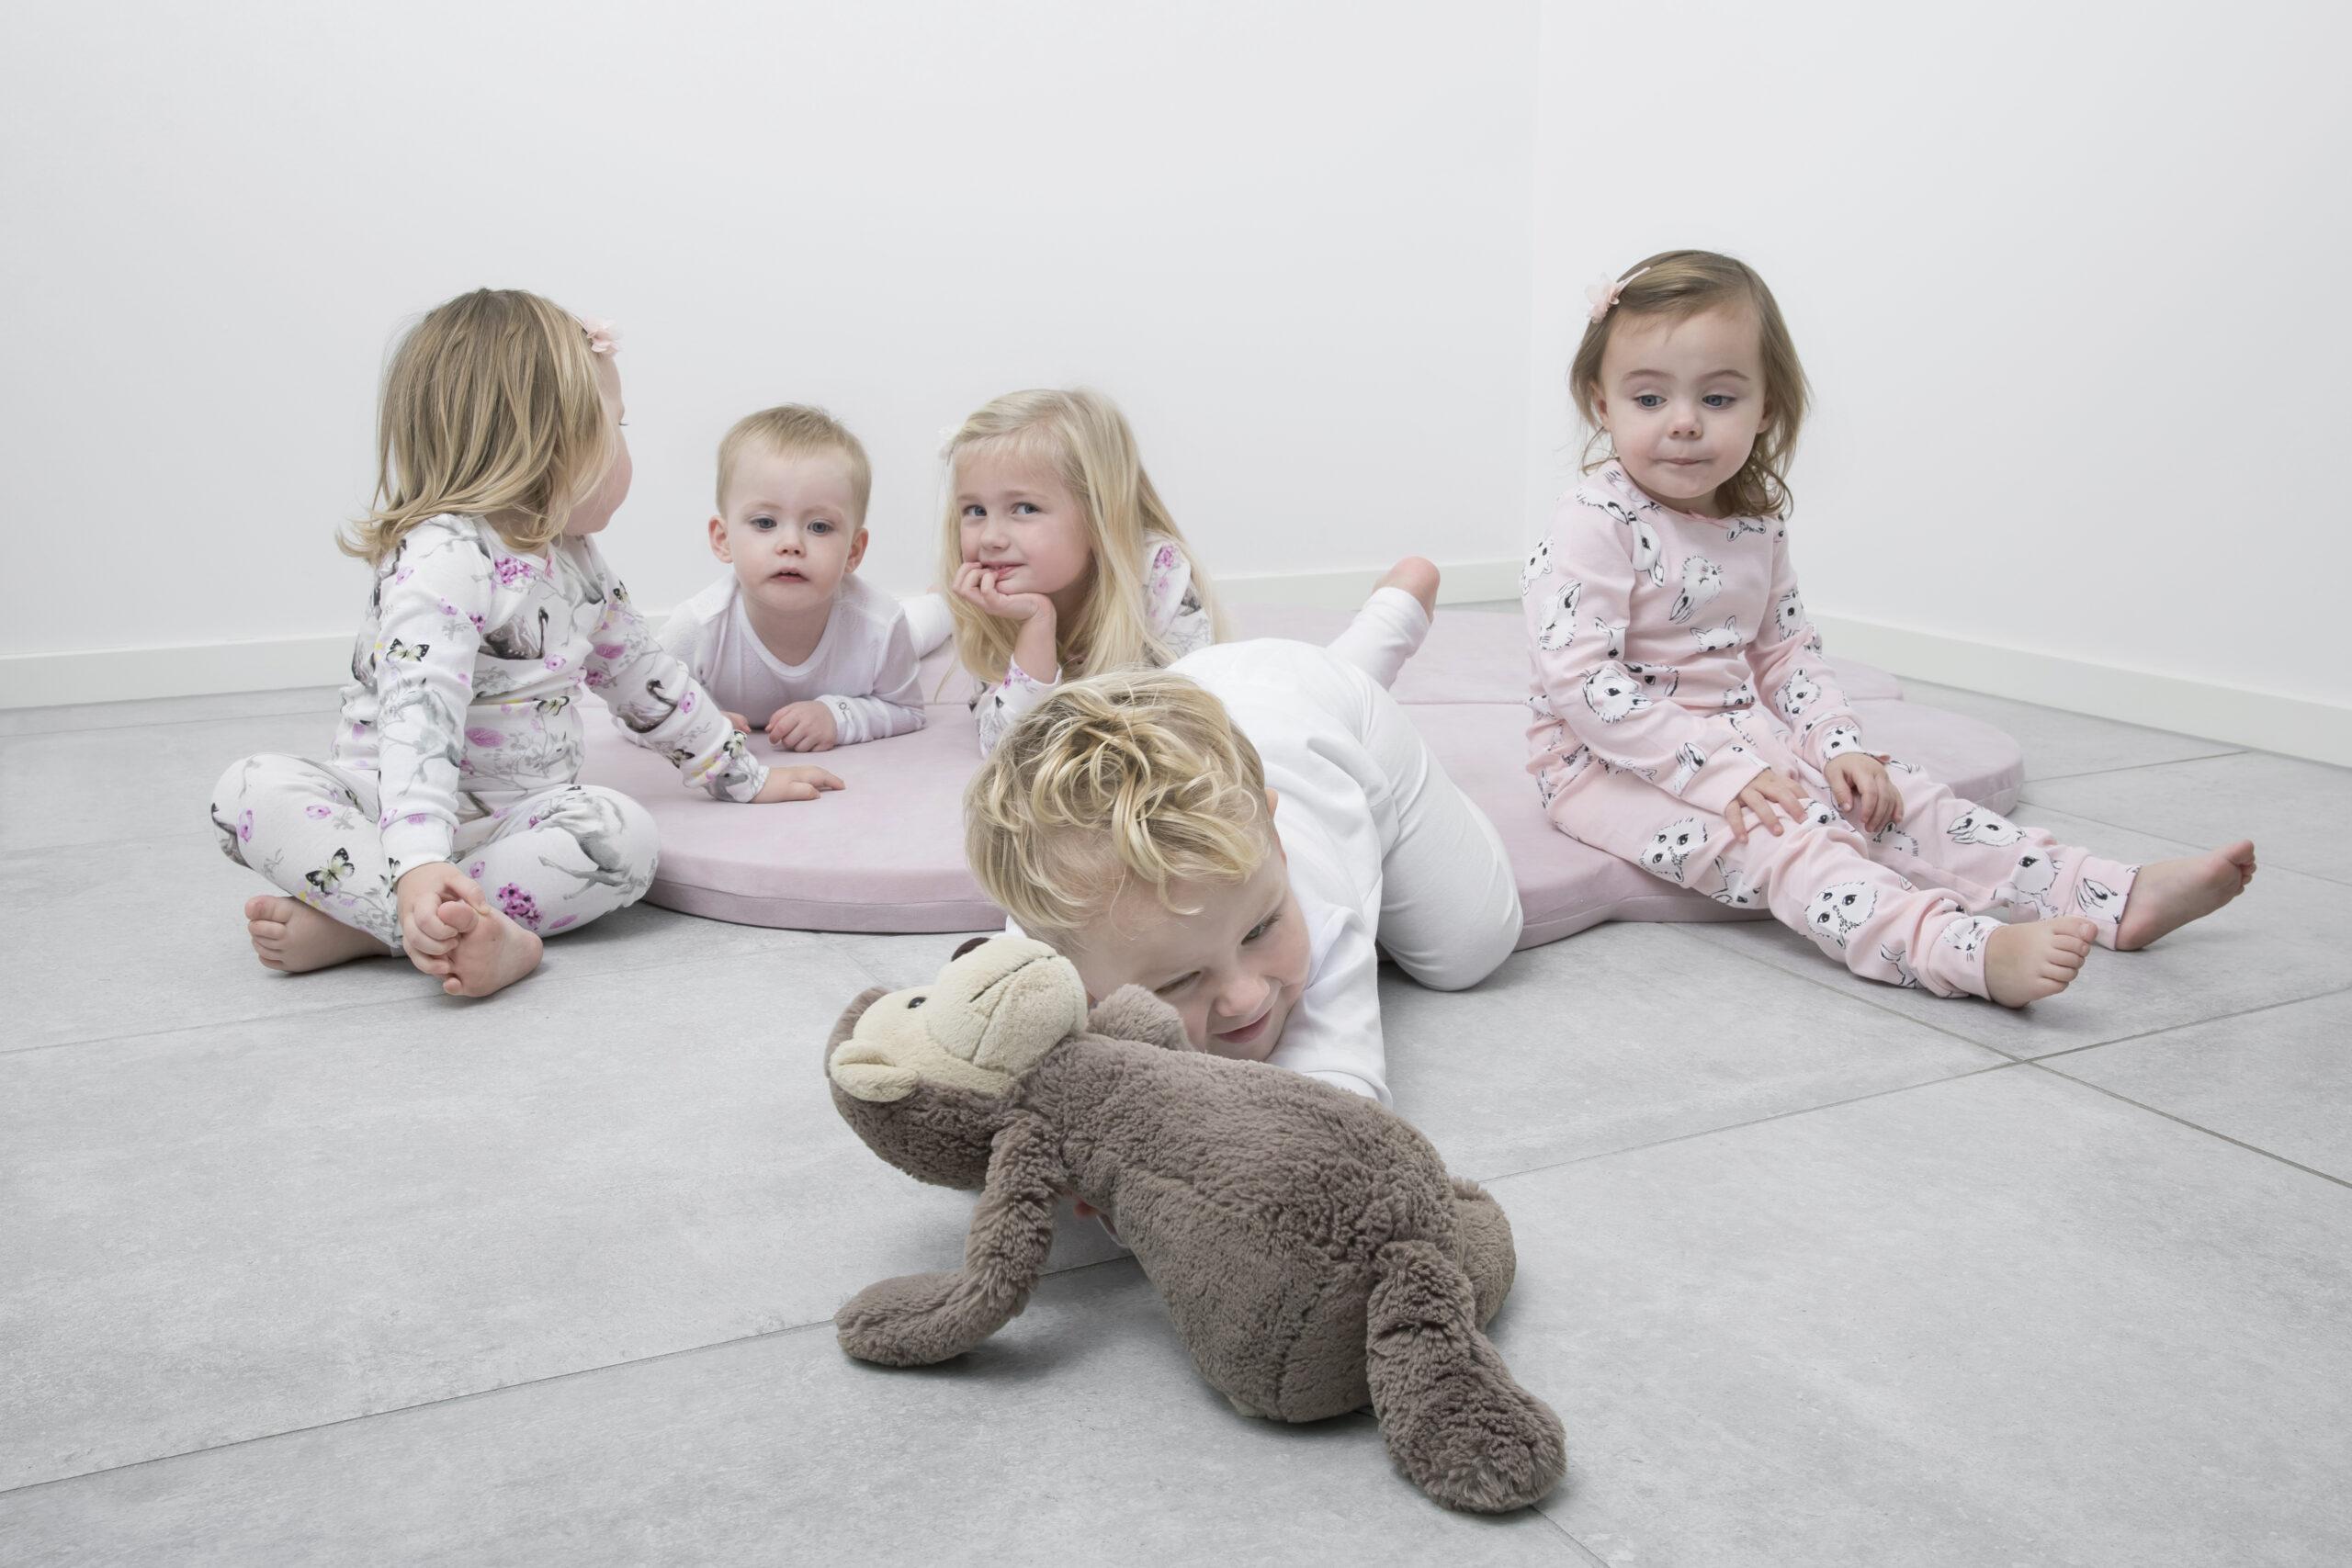 Jak zabawy i konkurencje dla dzieci wpływają na ich rozwój?